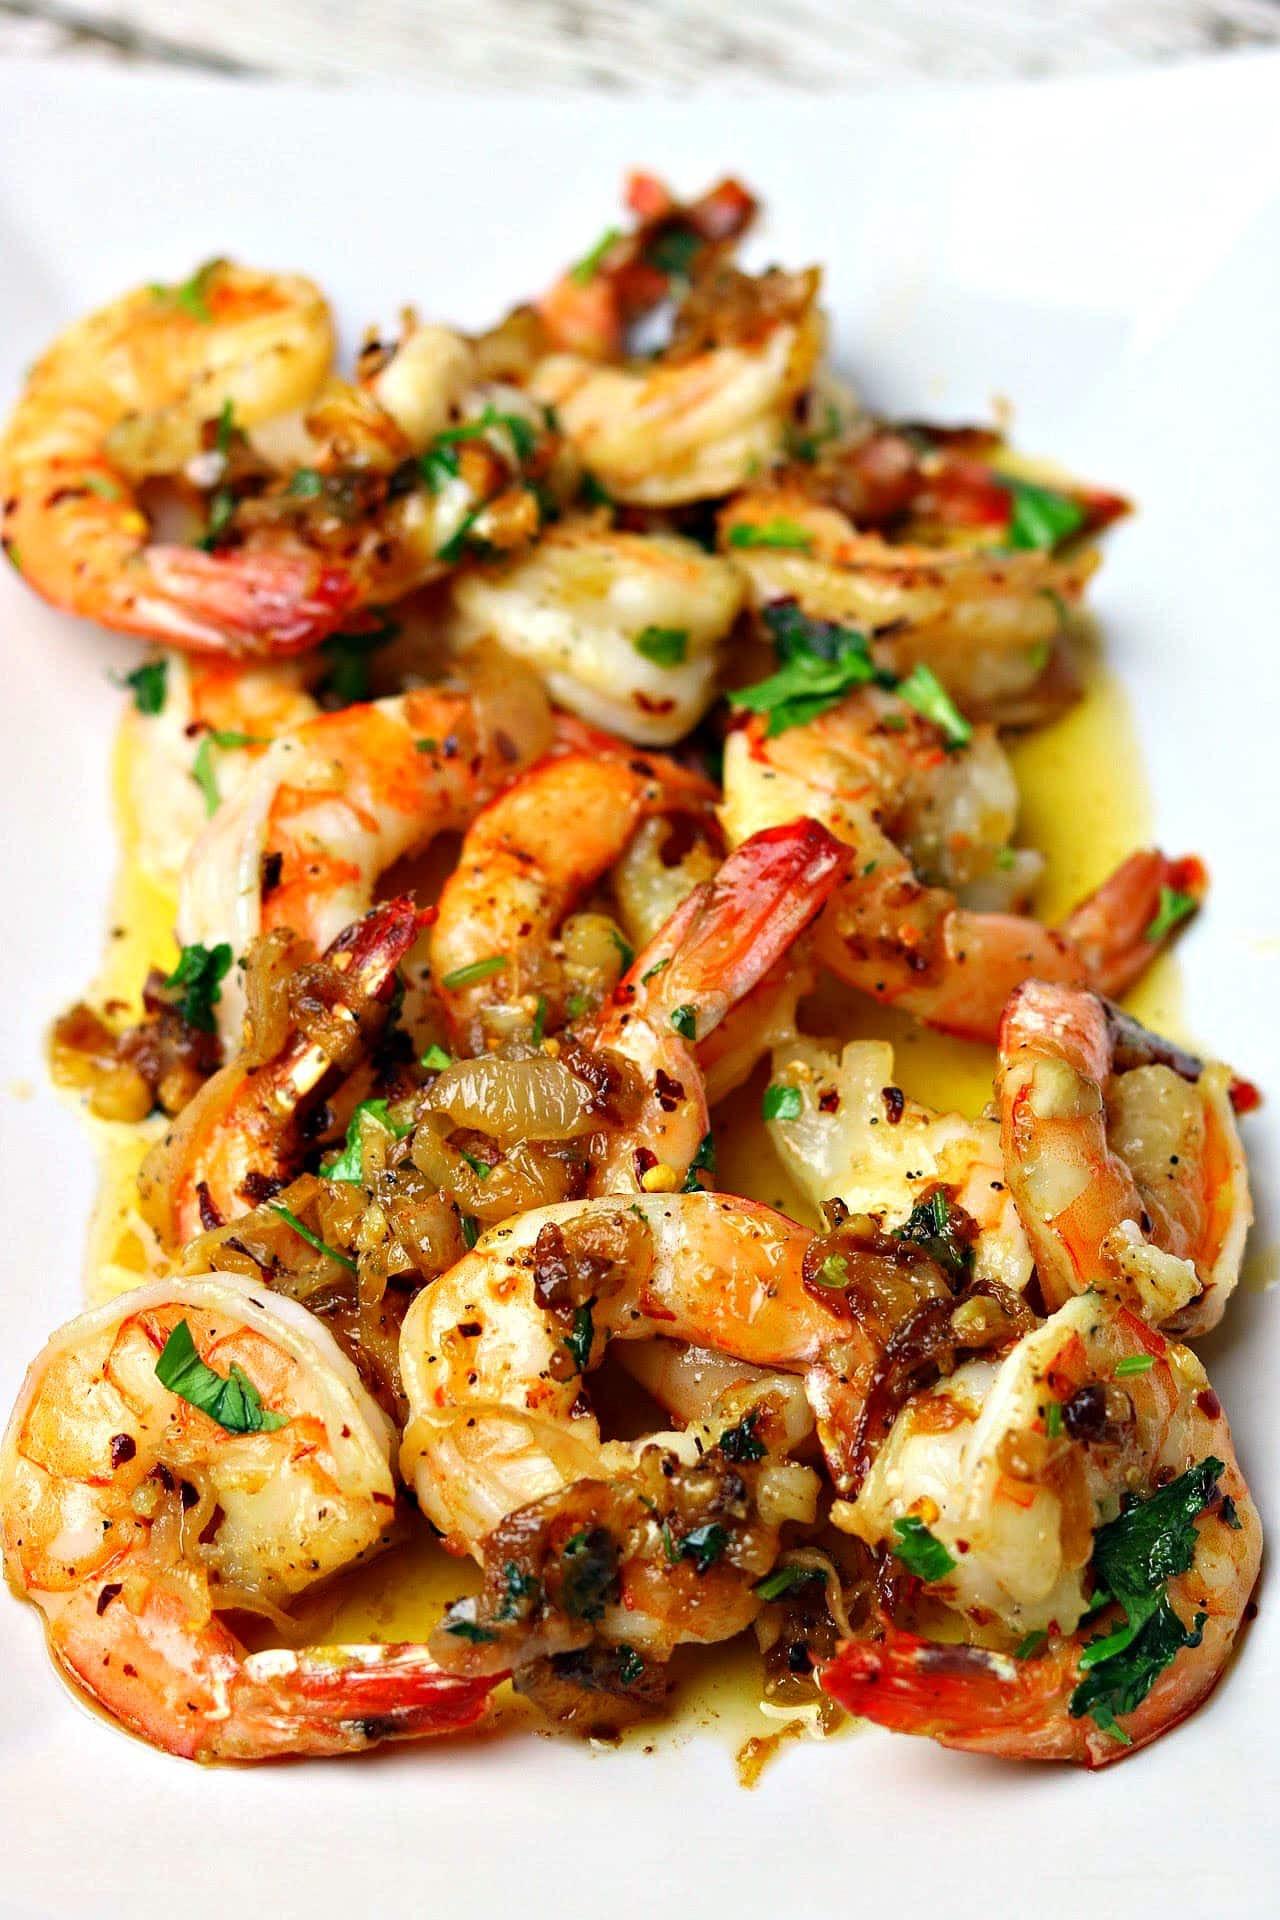 Keto Dinner Recipes Shrimp  Easy Keto Garlic Shrimp Scampi Recipe